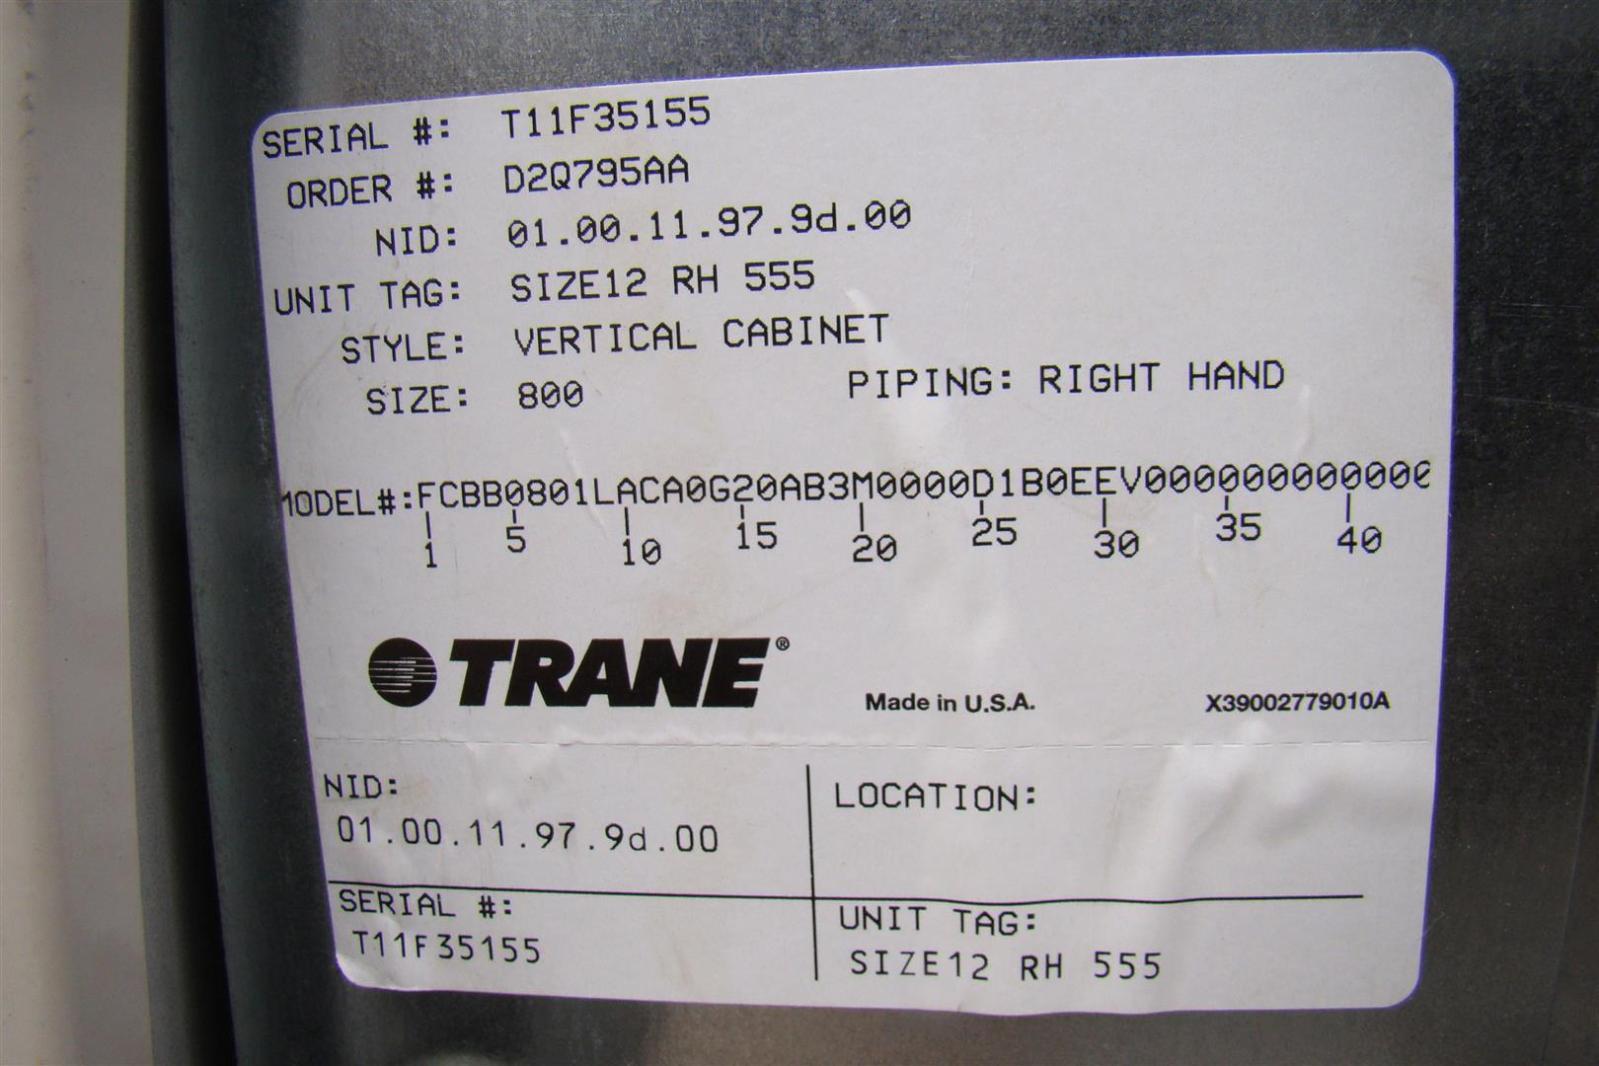 Trane Heat Pump Air Conditioner Size12 Rh 555 Vertical